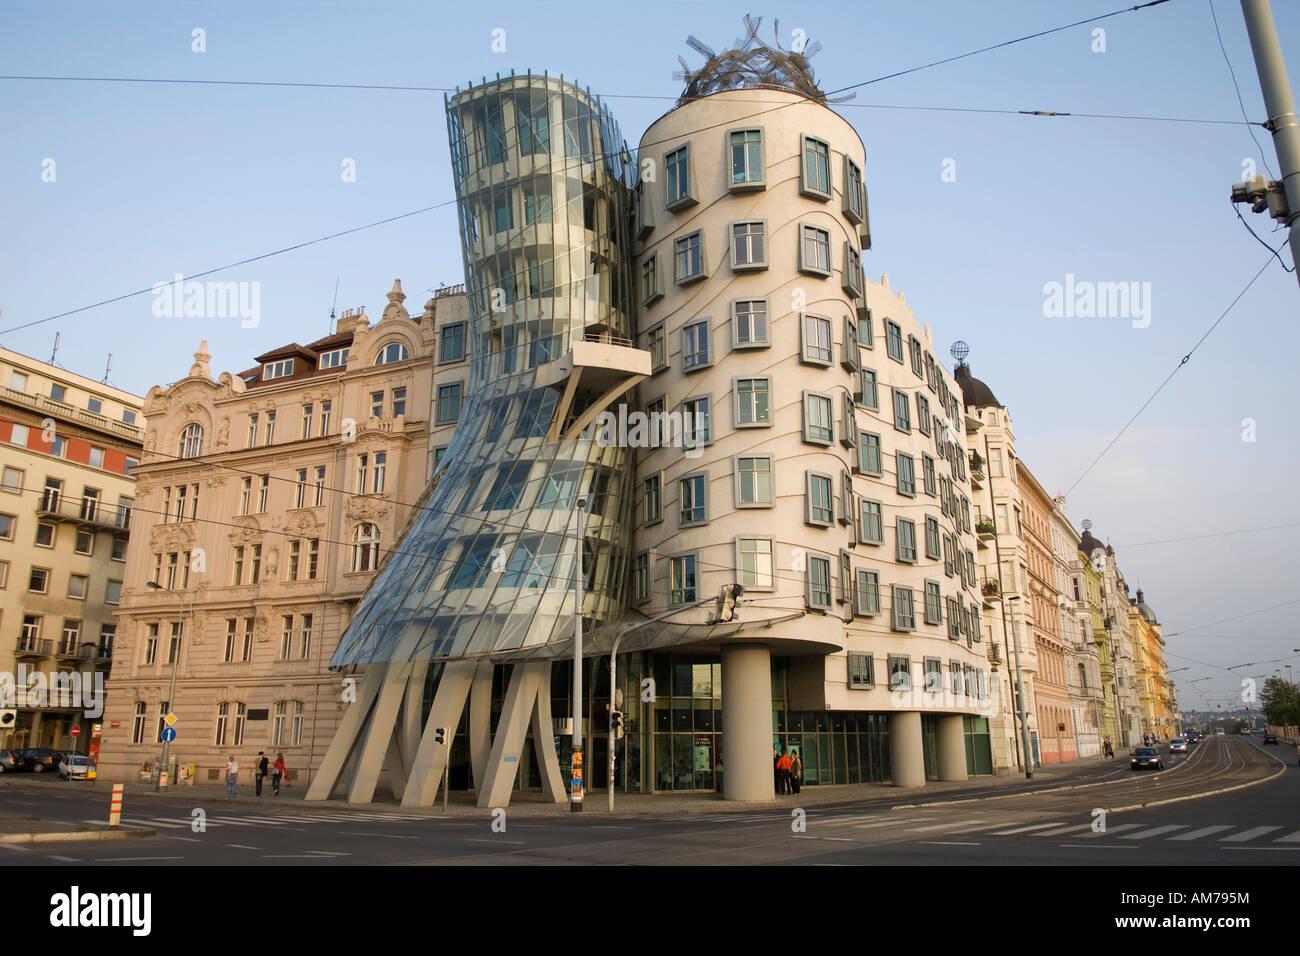 """Tanzendes Haus """"Ginger und Fred"""" von Frank Gehry Prag"""